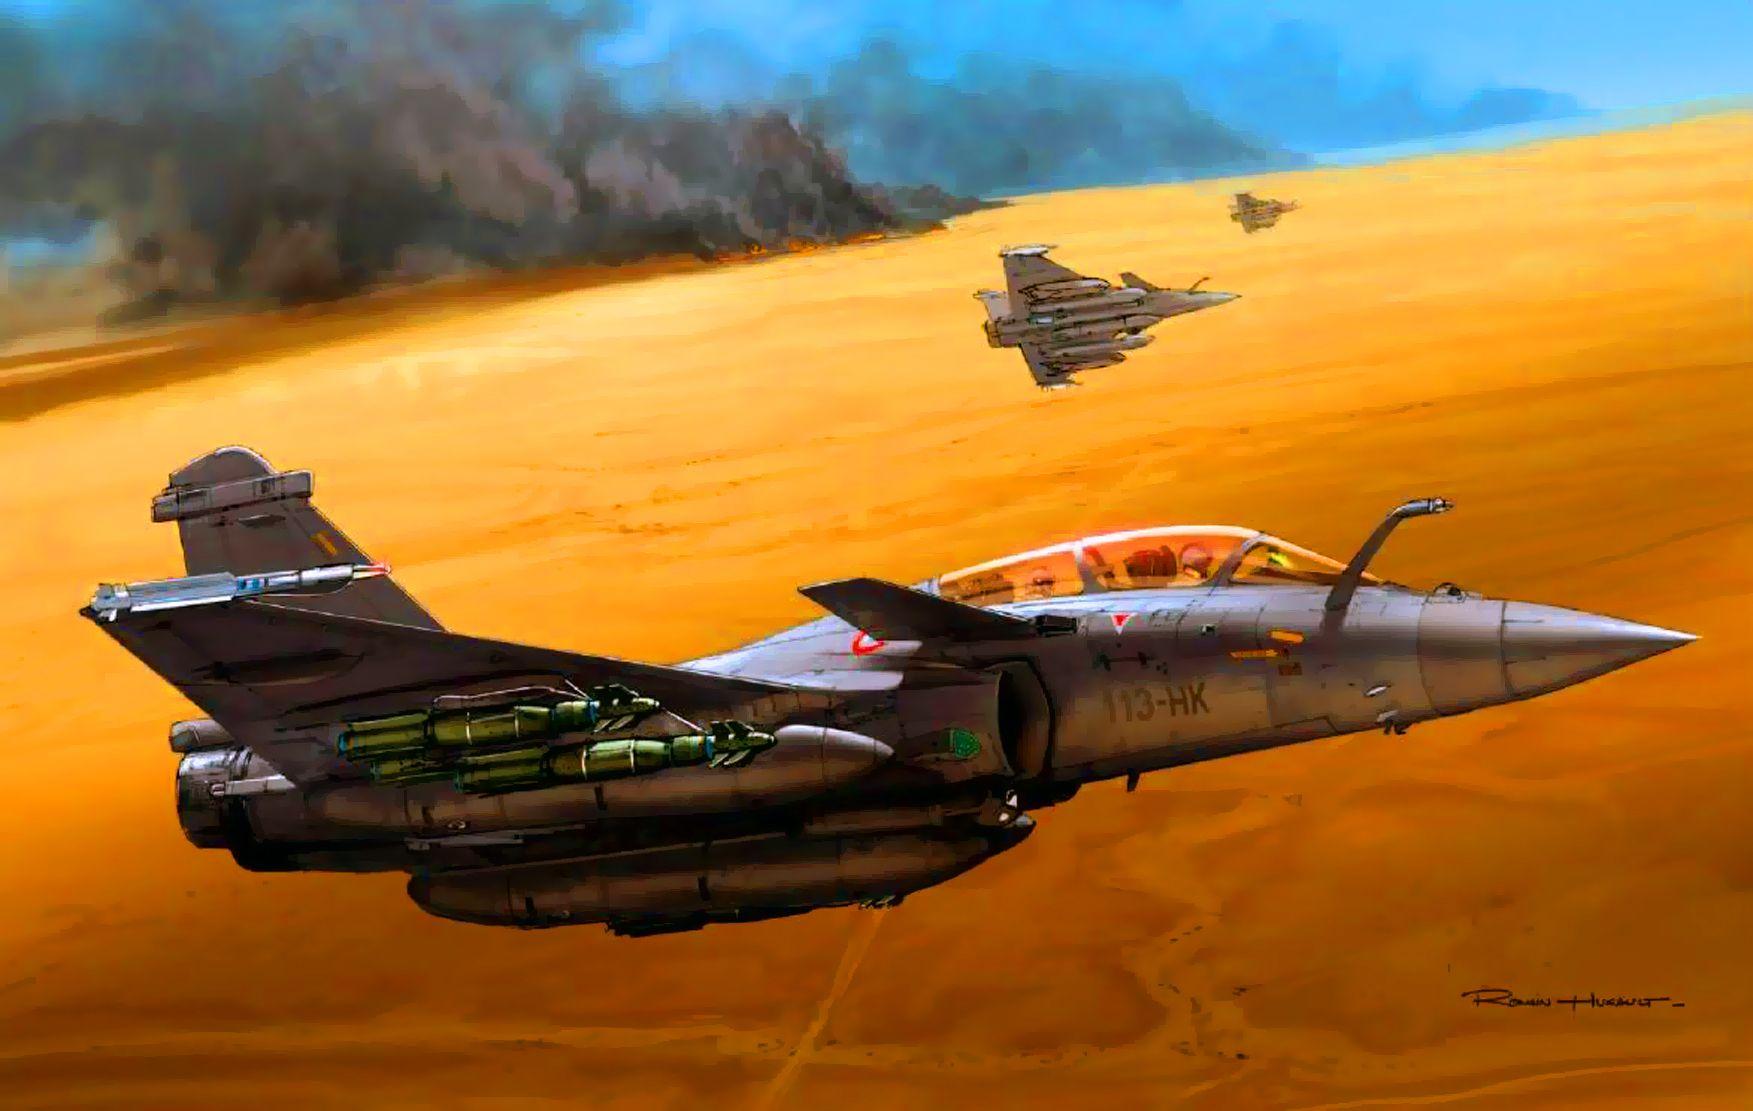 """ΑΠΟΚΑΛΥΨΗ: """"Πιθανώς Γαλλικά αεροσκάφη βομβάρδισαν την Τουρκική βάση στην Λιβύη"""""""